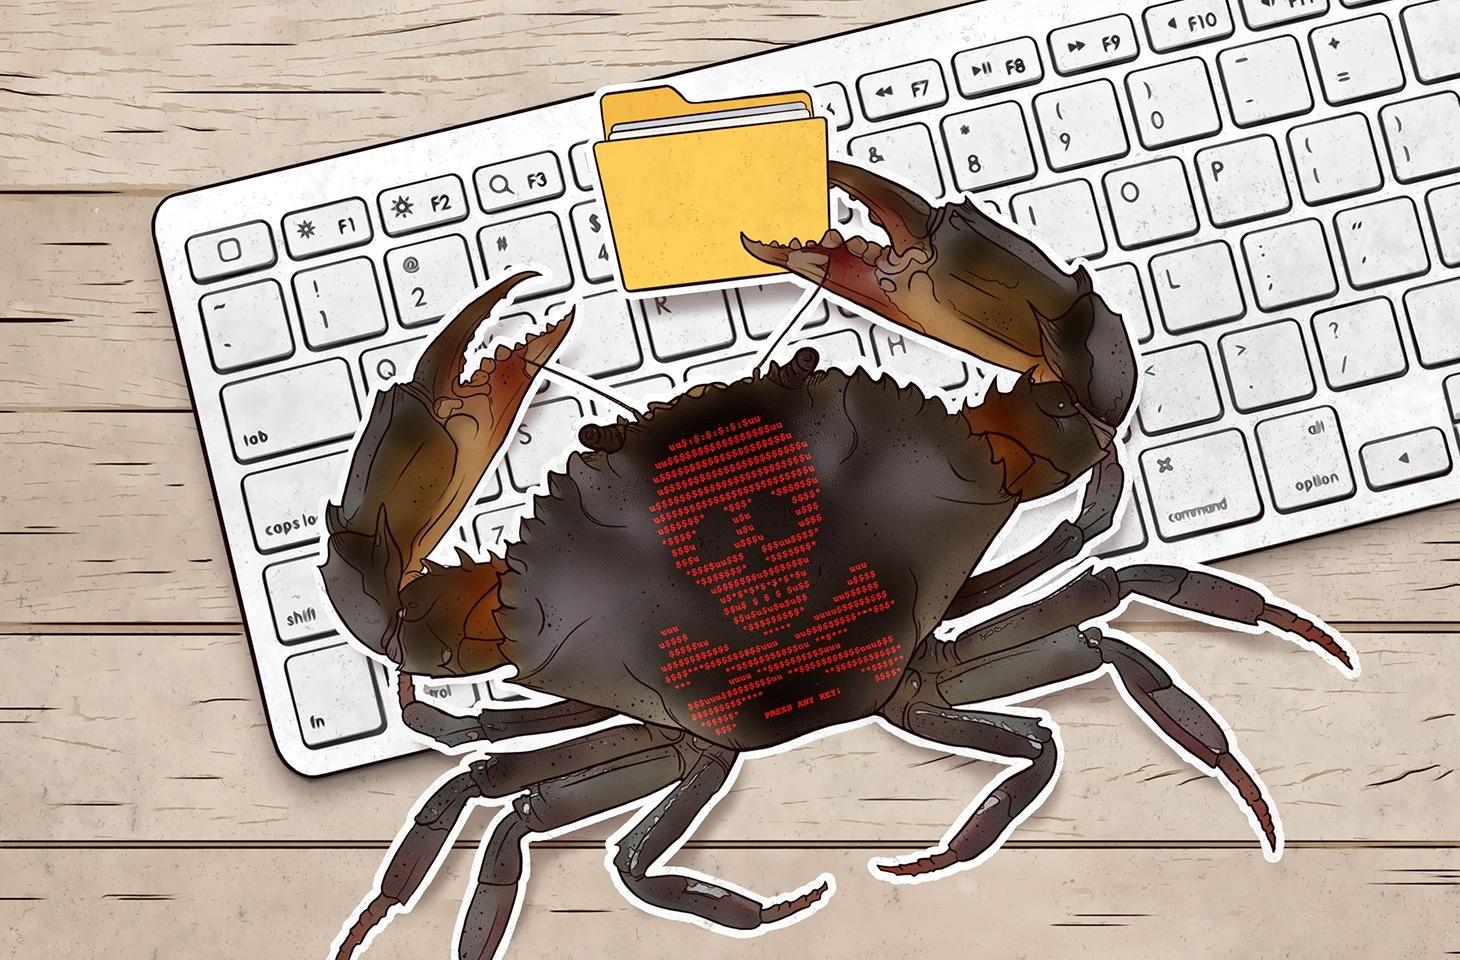 Malware de extorsão GandCrab retorna em versão romântica